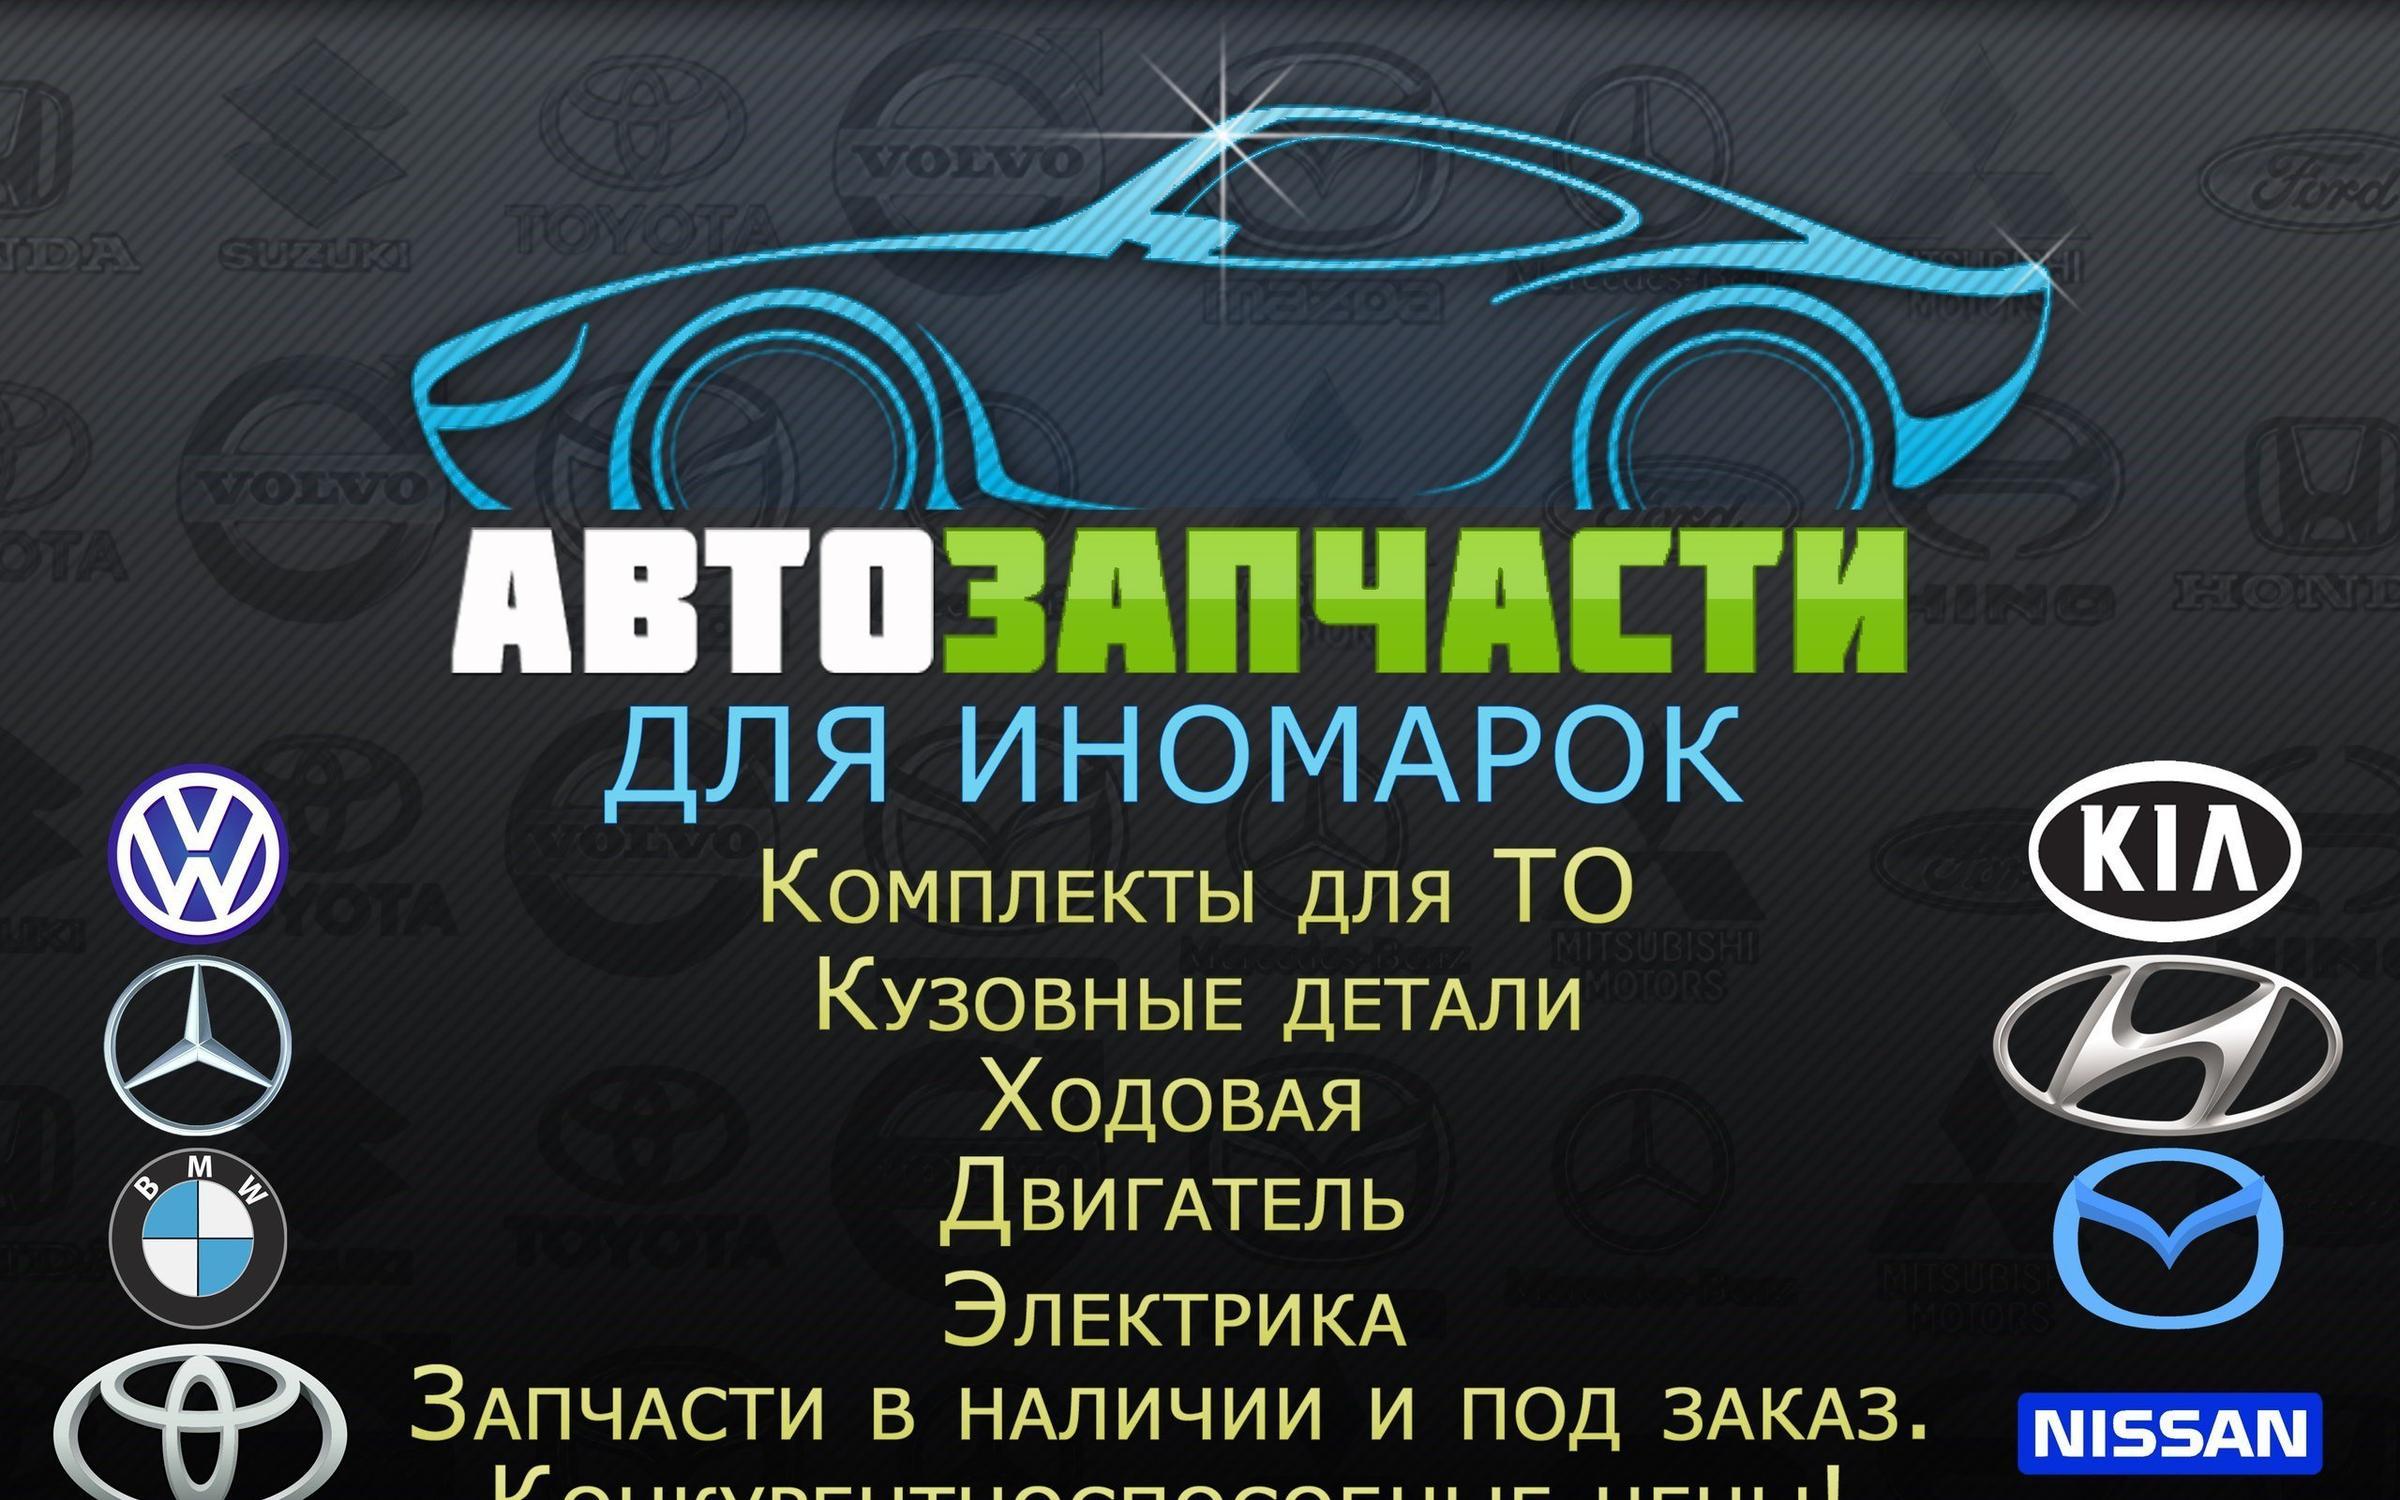 фотография Магазина автозапчастей для иномарок AVTOPARTS на улице Молокова